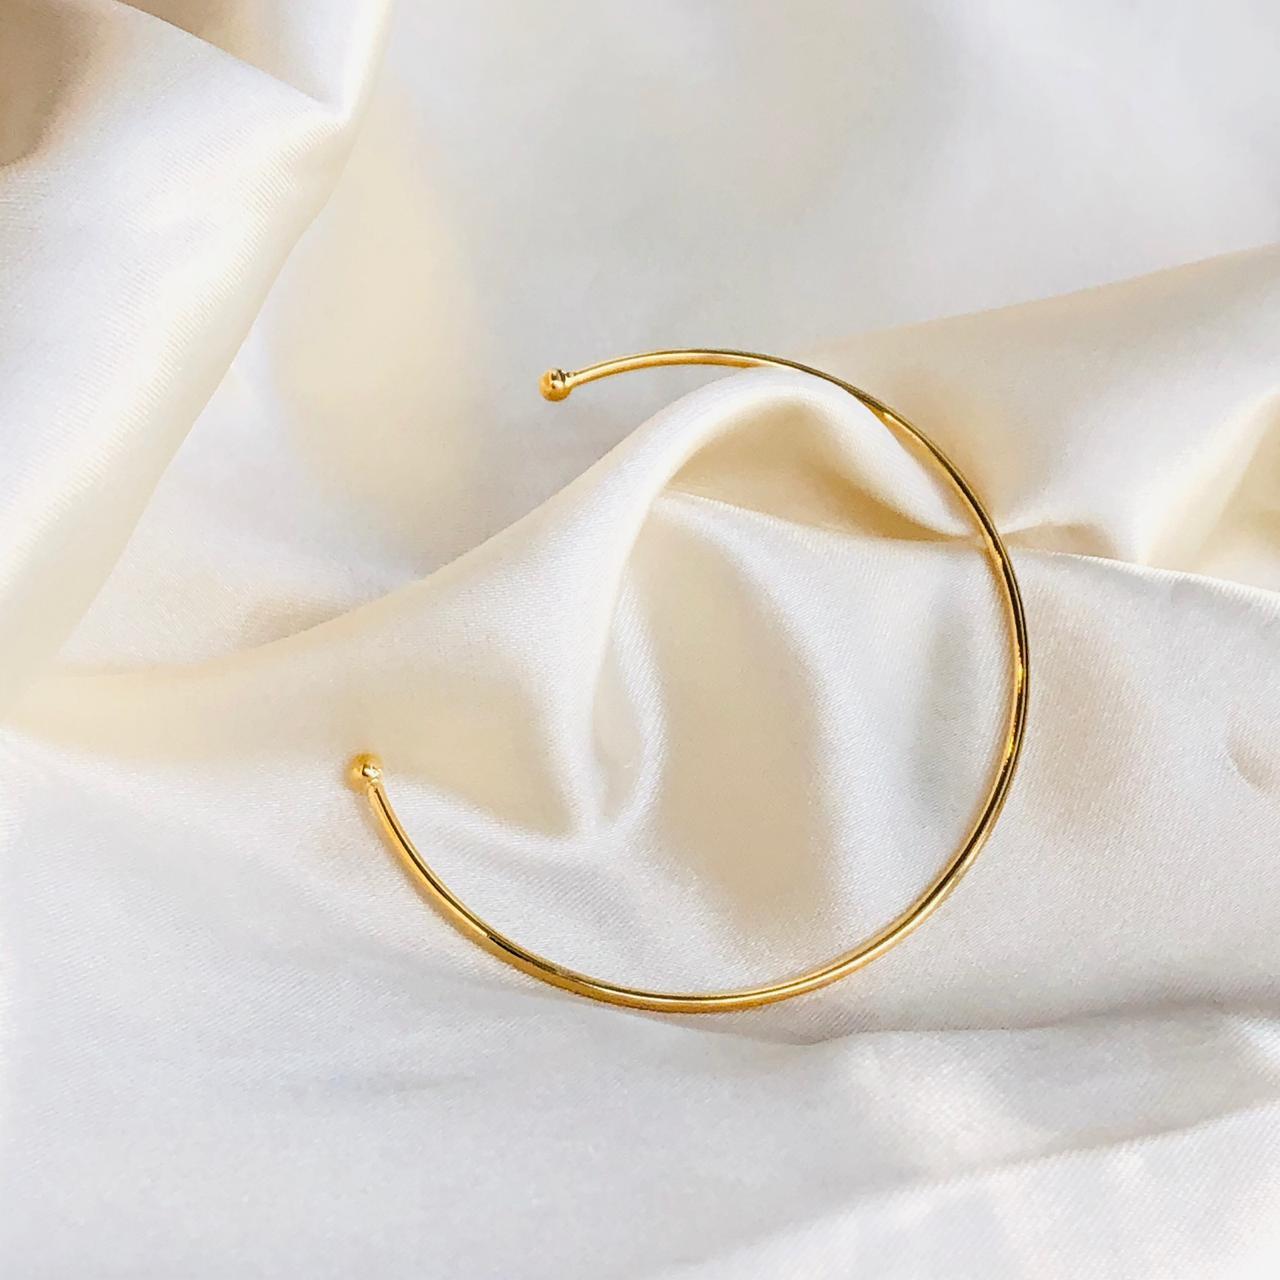 Bracelete Liso Regulável Banhado em Ouro 18k